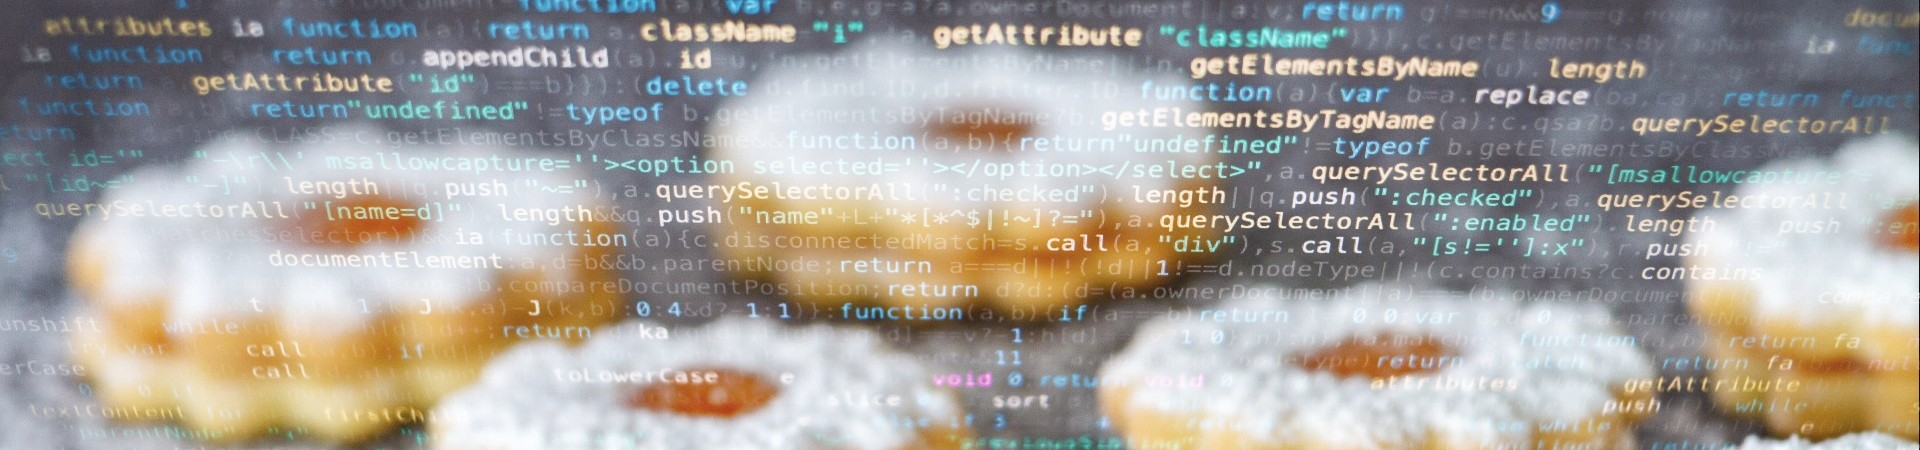 Cookies en computer data, foto: NickyPe (Pixabay) en Markus Spiske (Pexels)